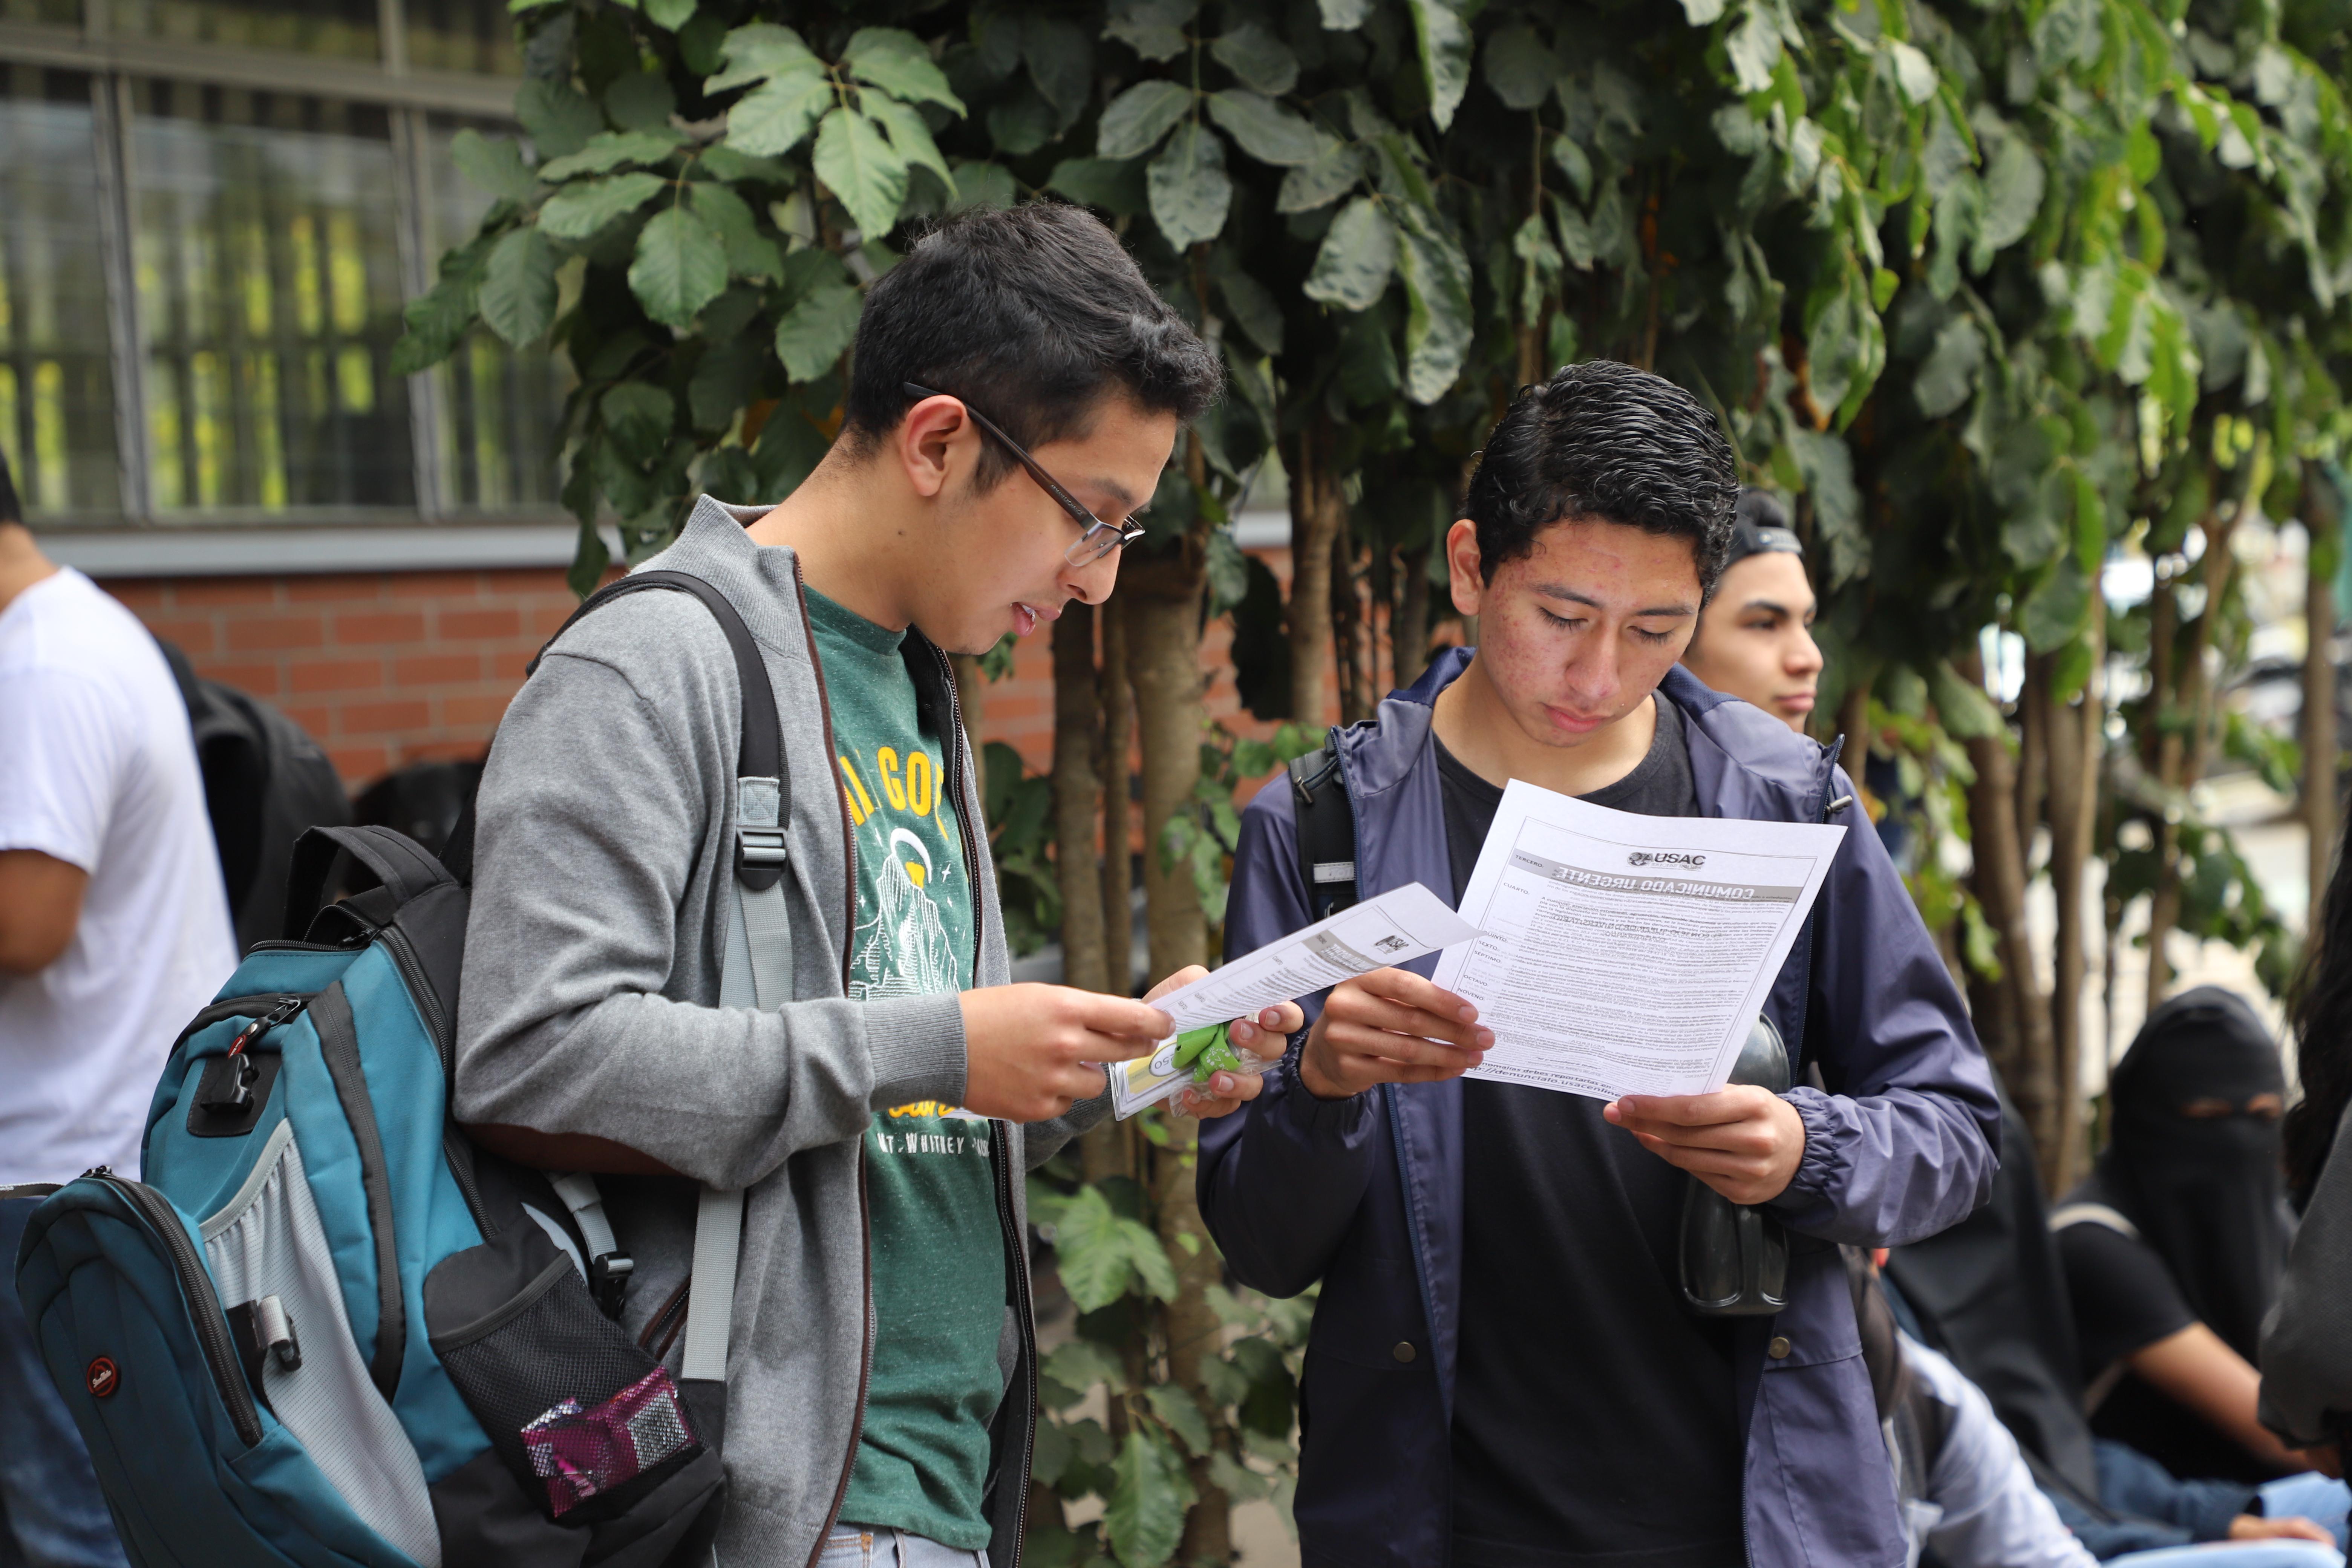 Estudiantes leen el comunicado que informa a la comunidad universitaria las prohibiciones para realizar bautizos. Fotografía Elio Morales.